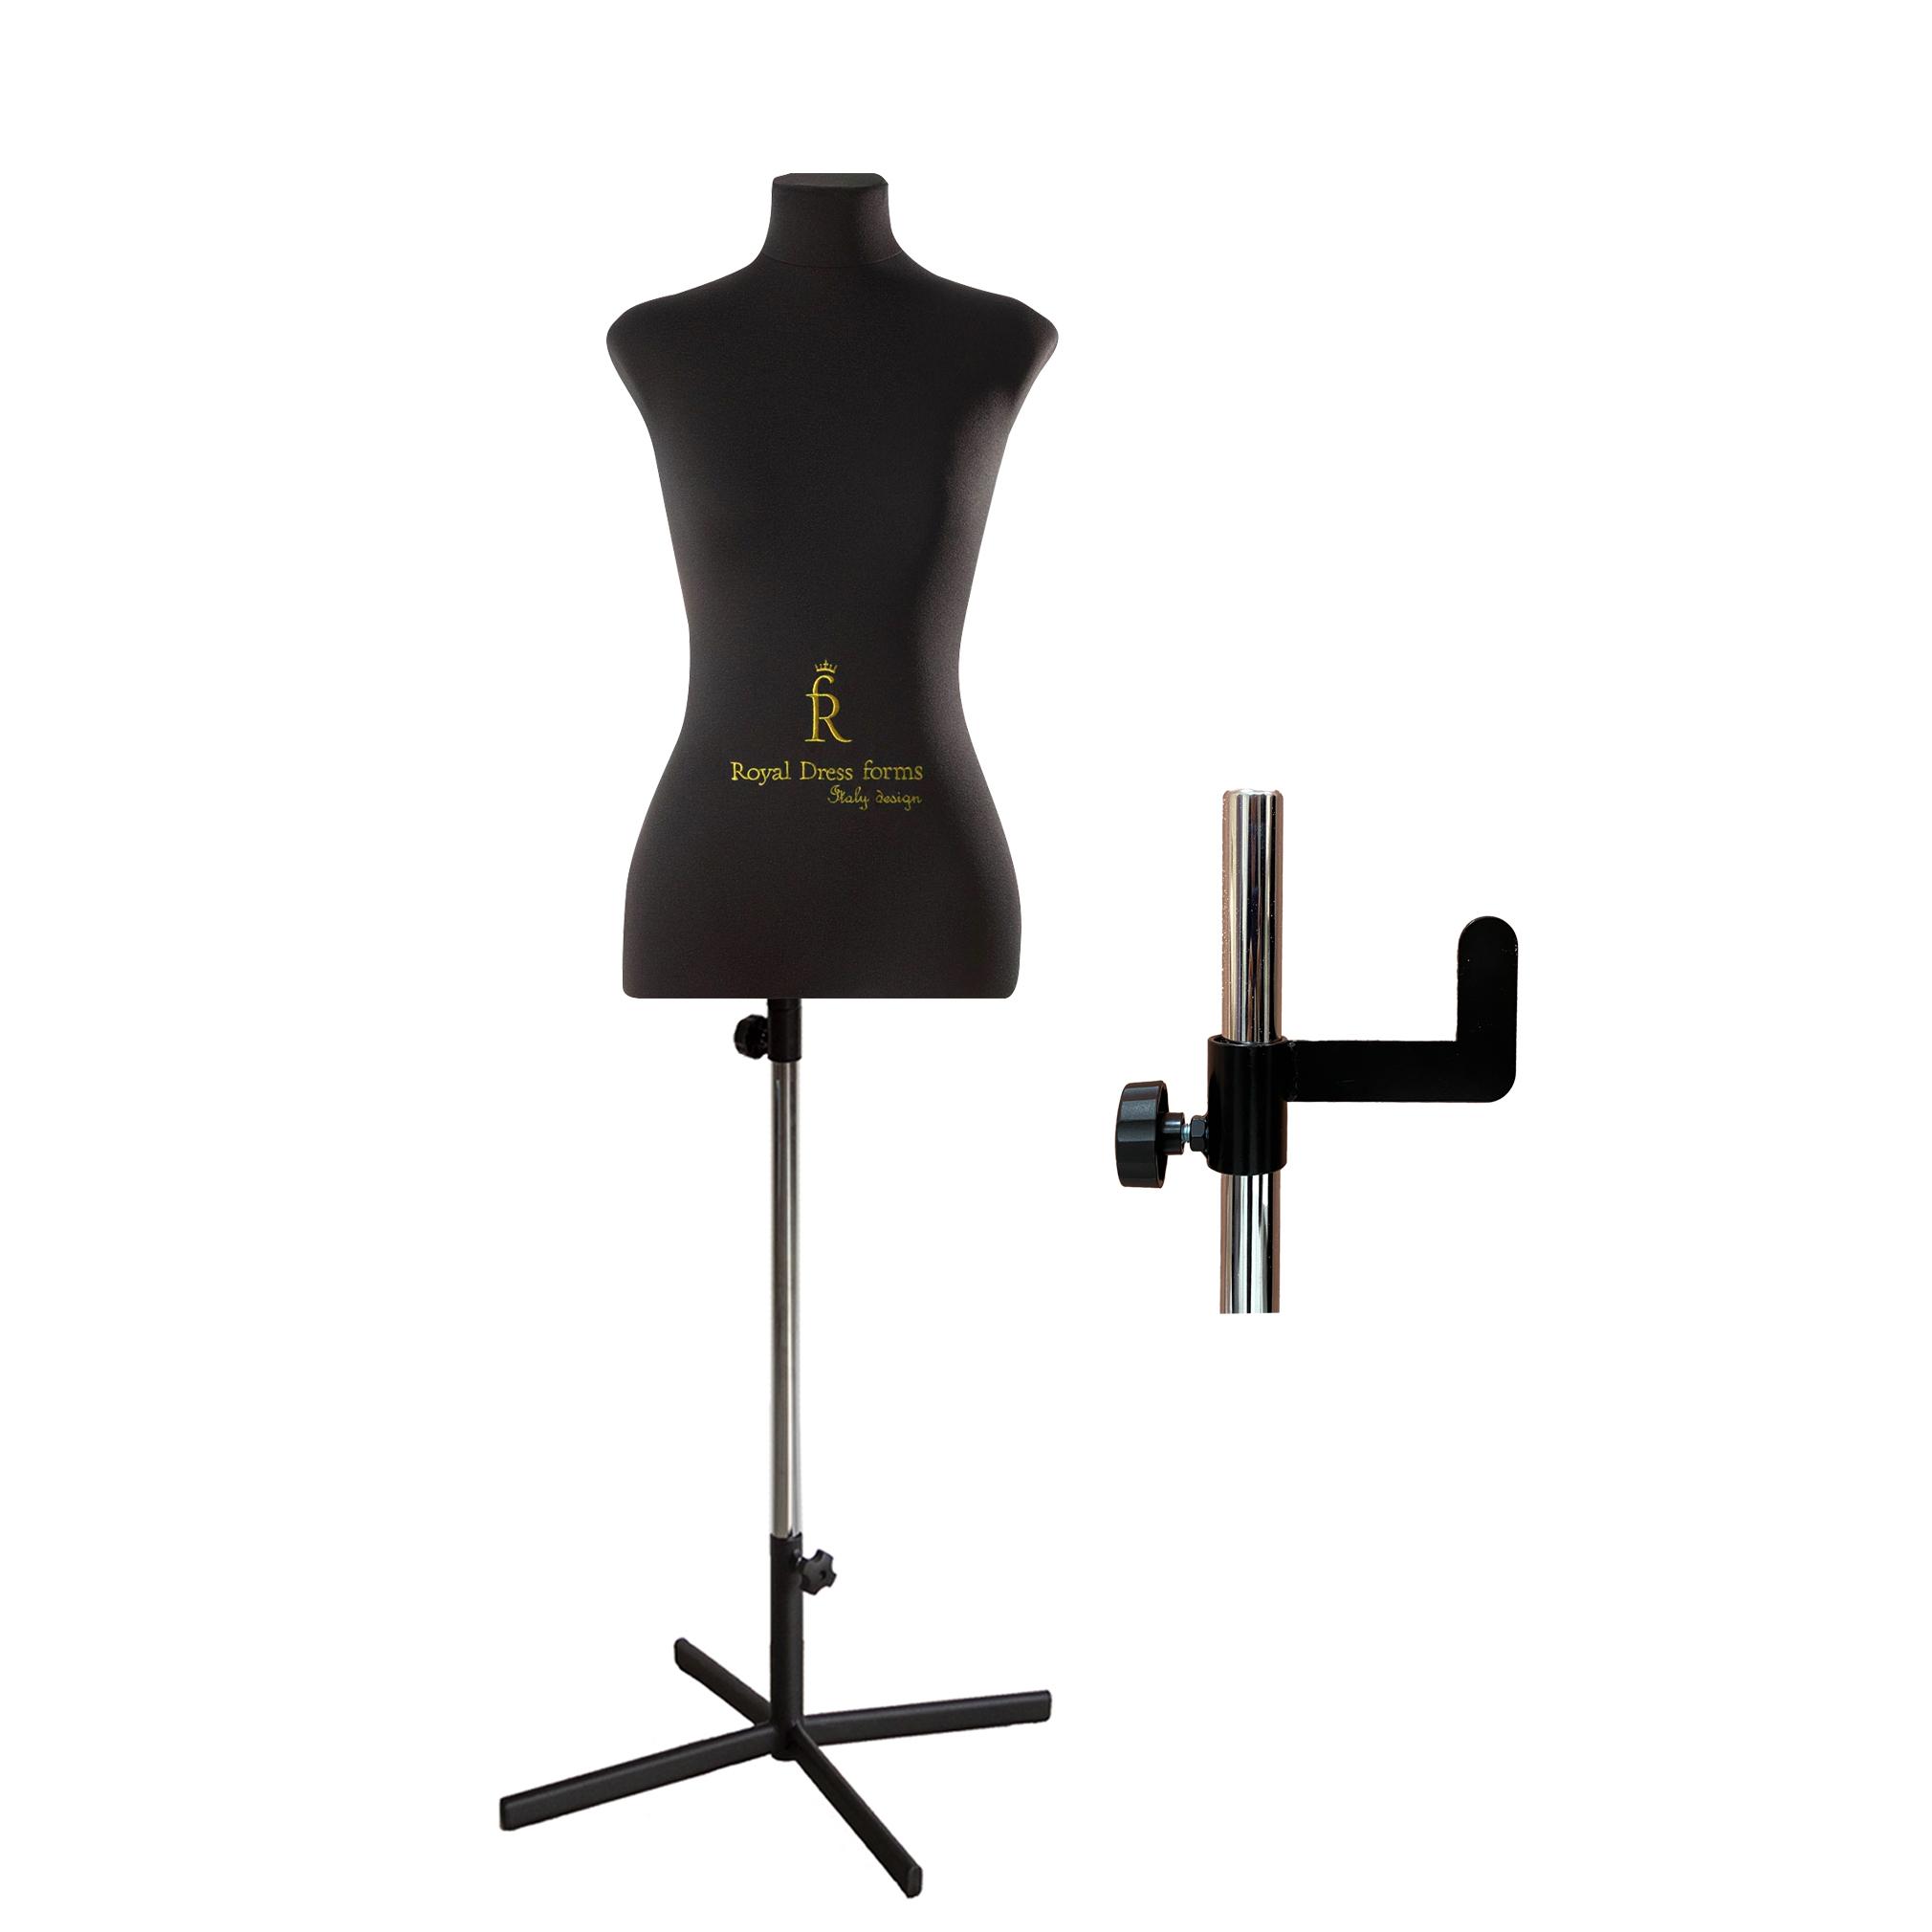 Манекен портновский Кристина, комплект Премиум, размер 46, цвет чёрный, в комплекте подставка